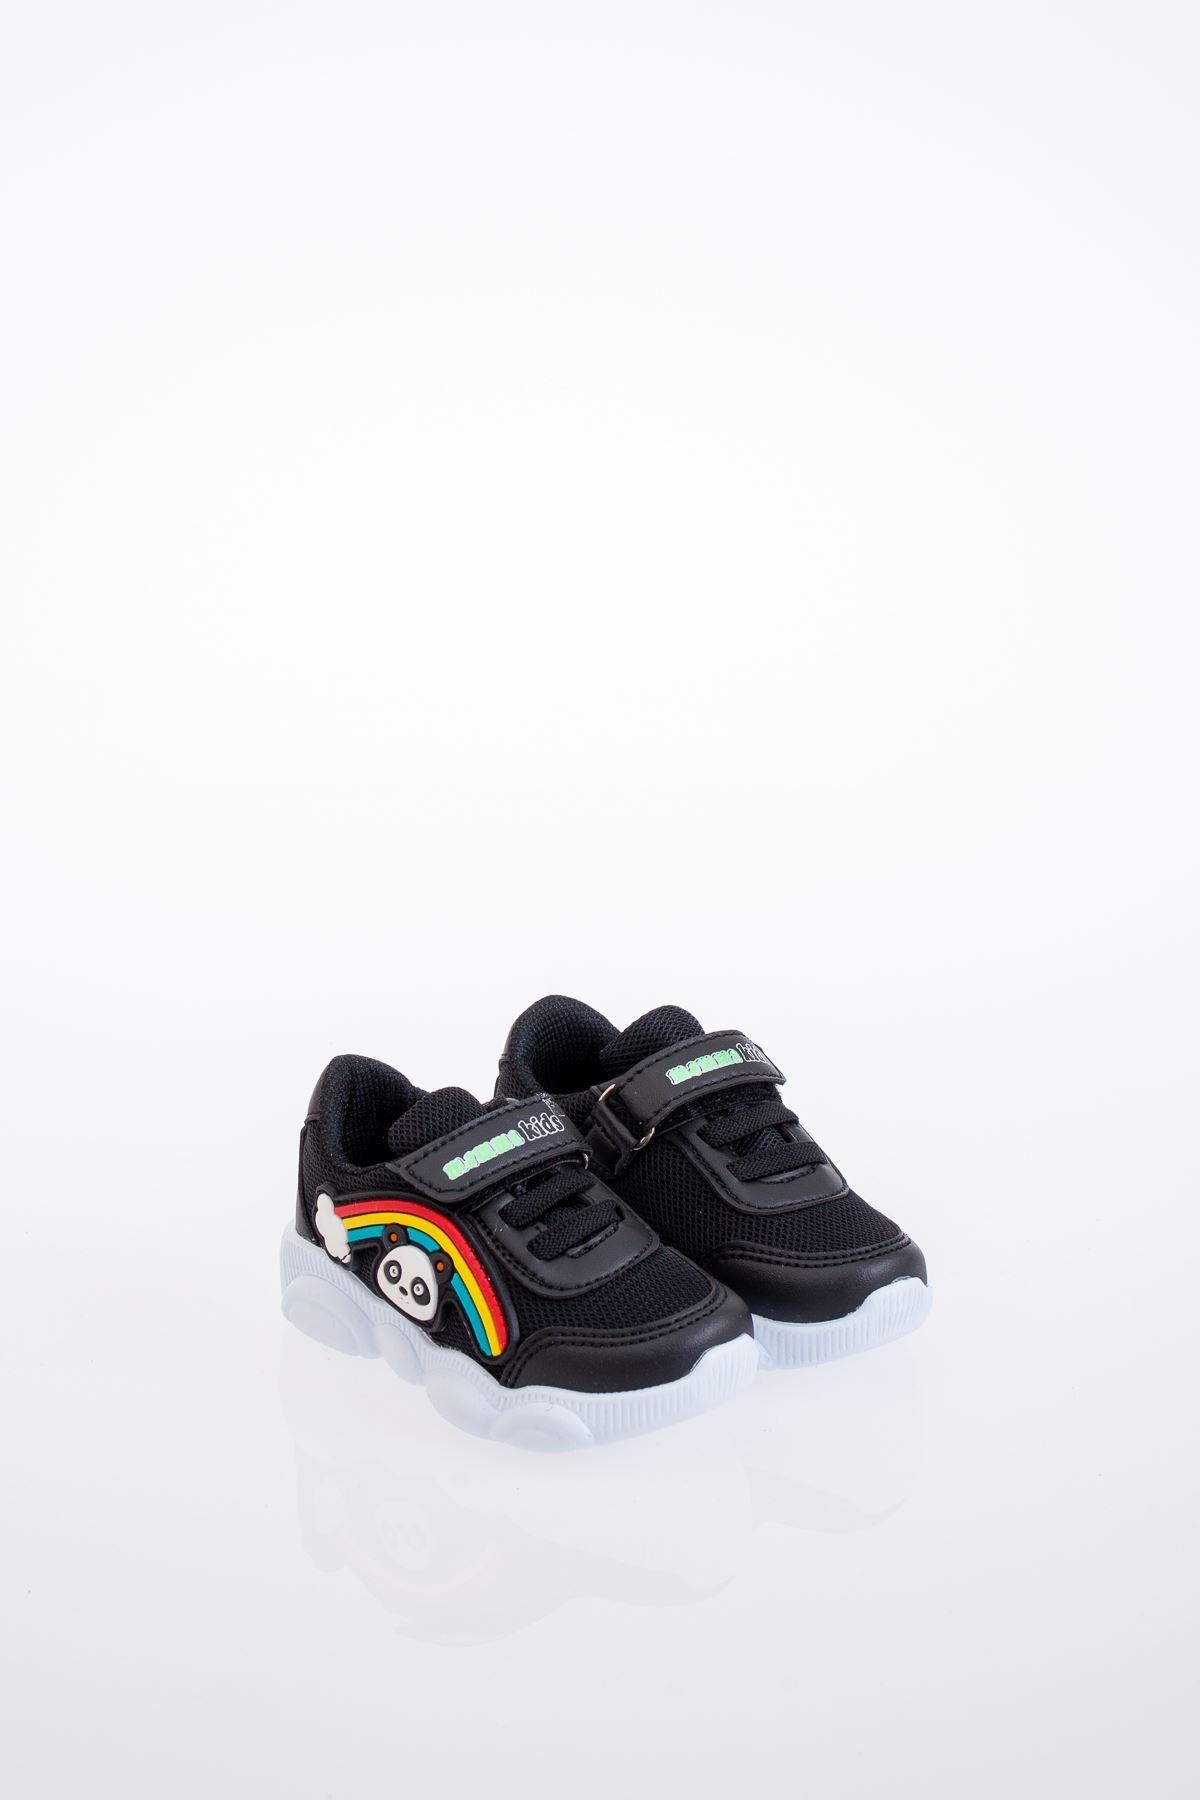 Fileli Bebe Spor Ayakkabı